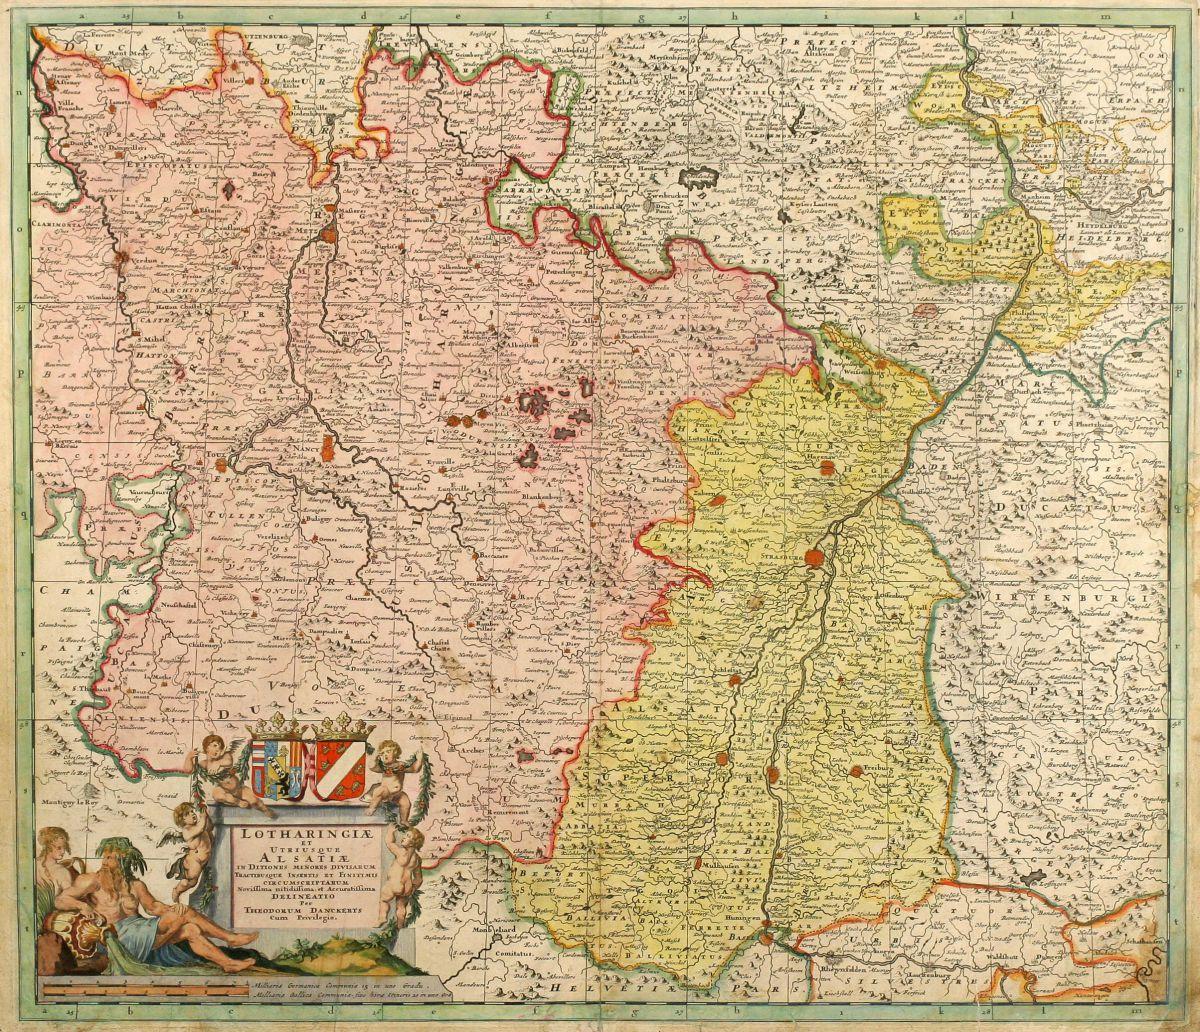 1696 in France